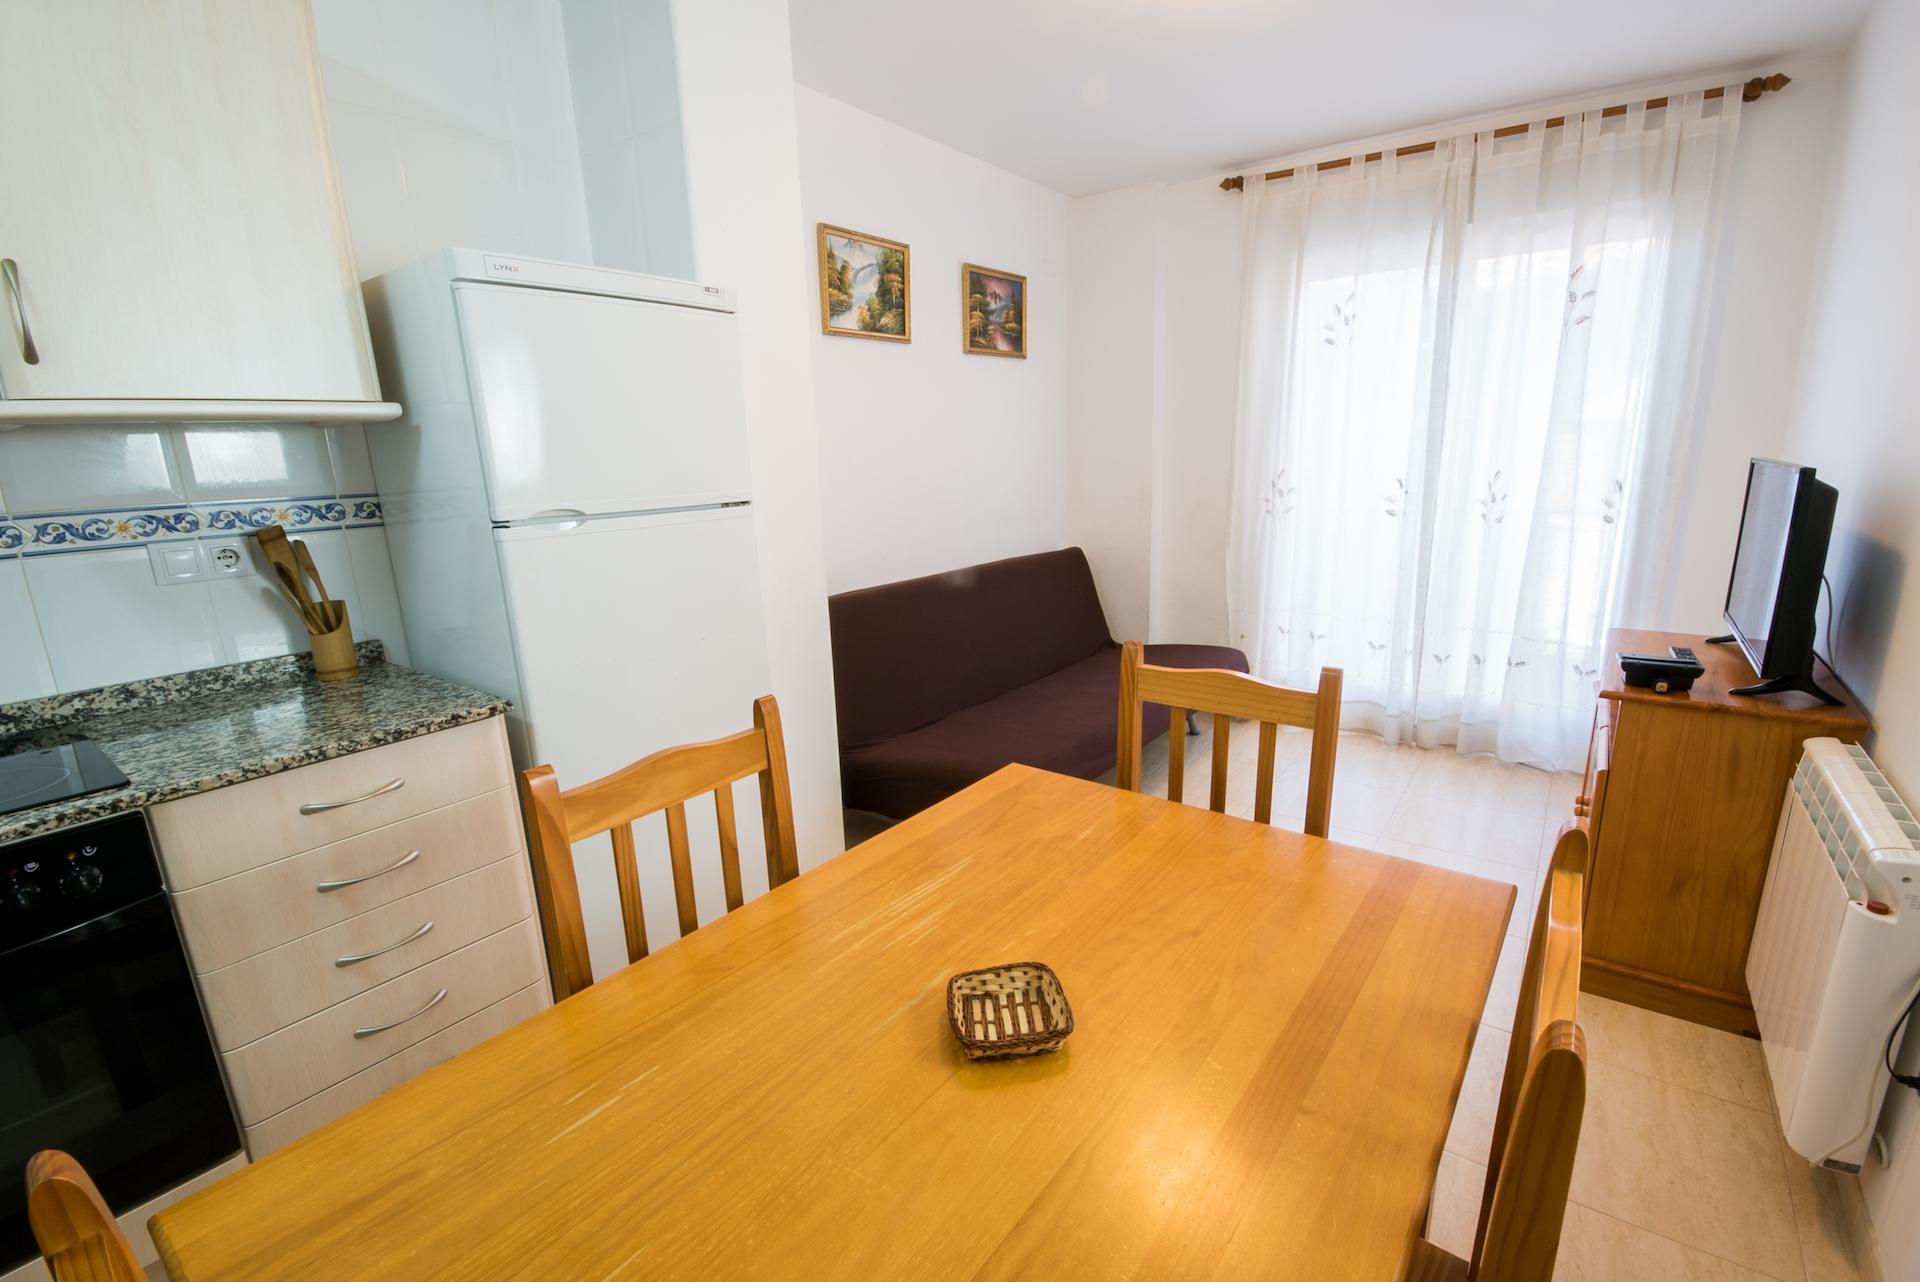 Apartamento Benafer 1 - Salón